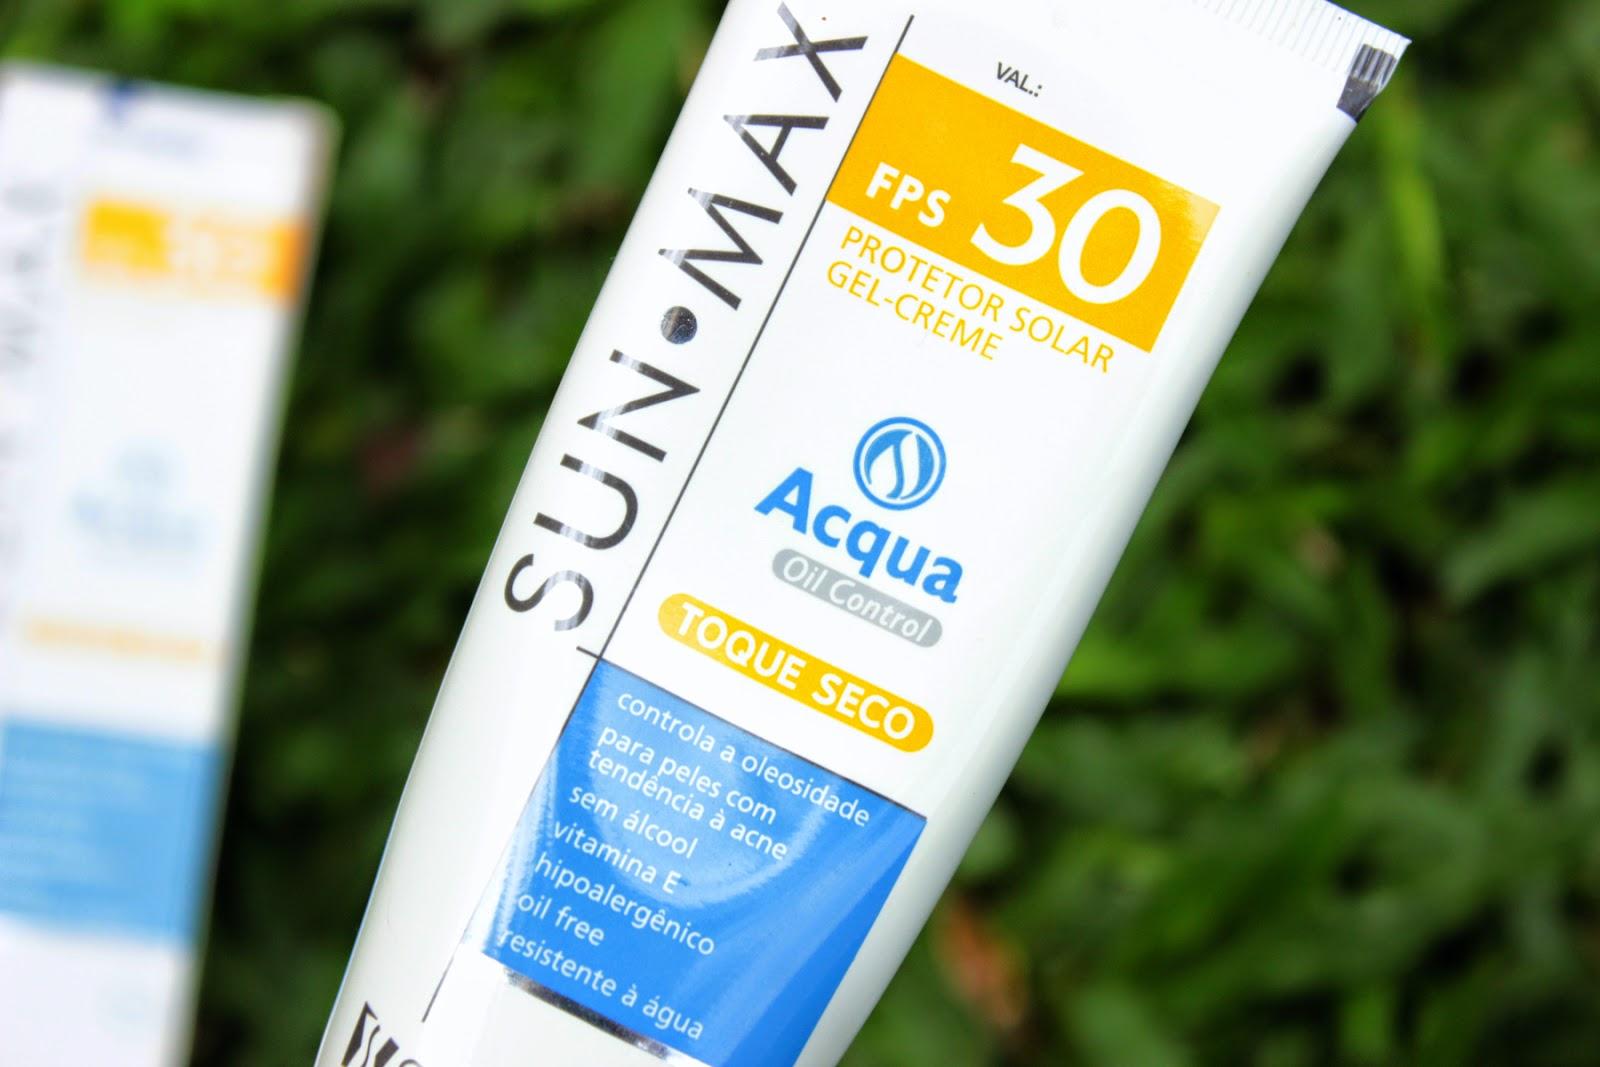 sun max, protetor solar, facial, produtos recebidos, pele oleosa, pele acnéica, fps30